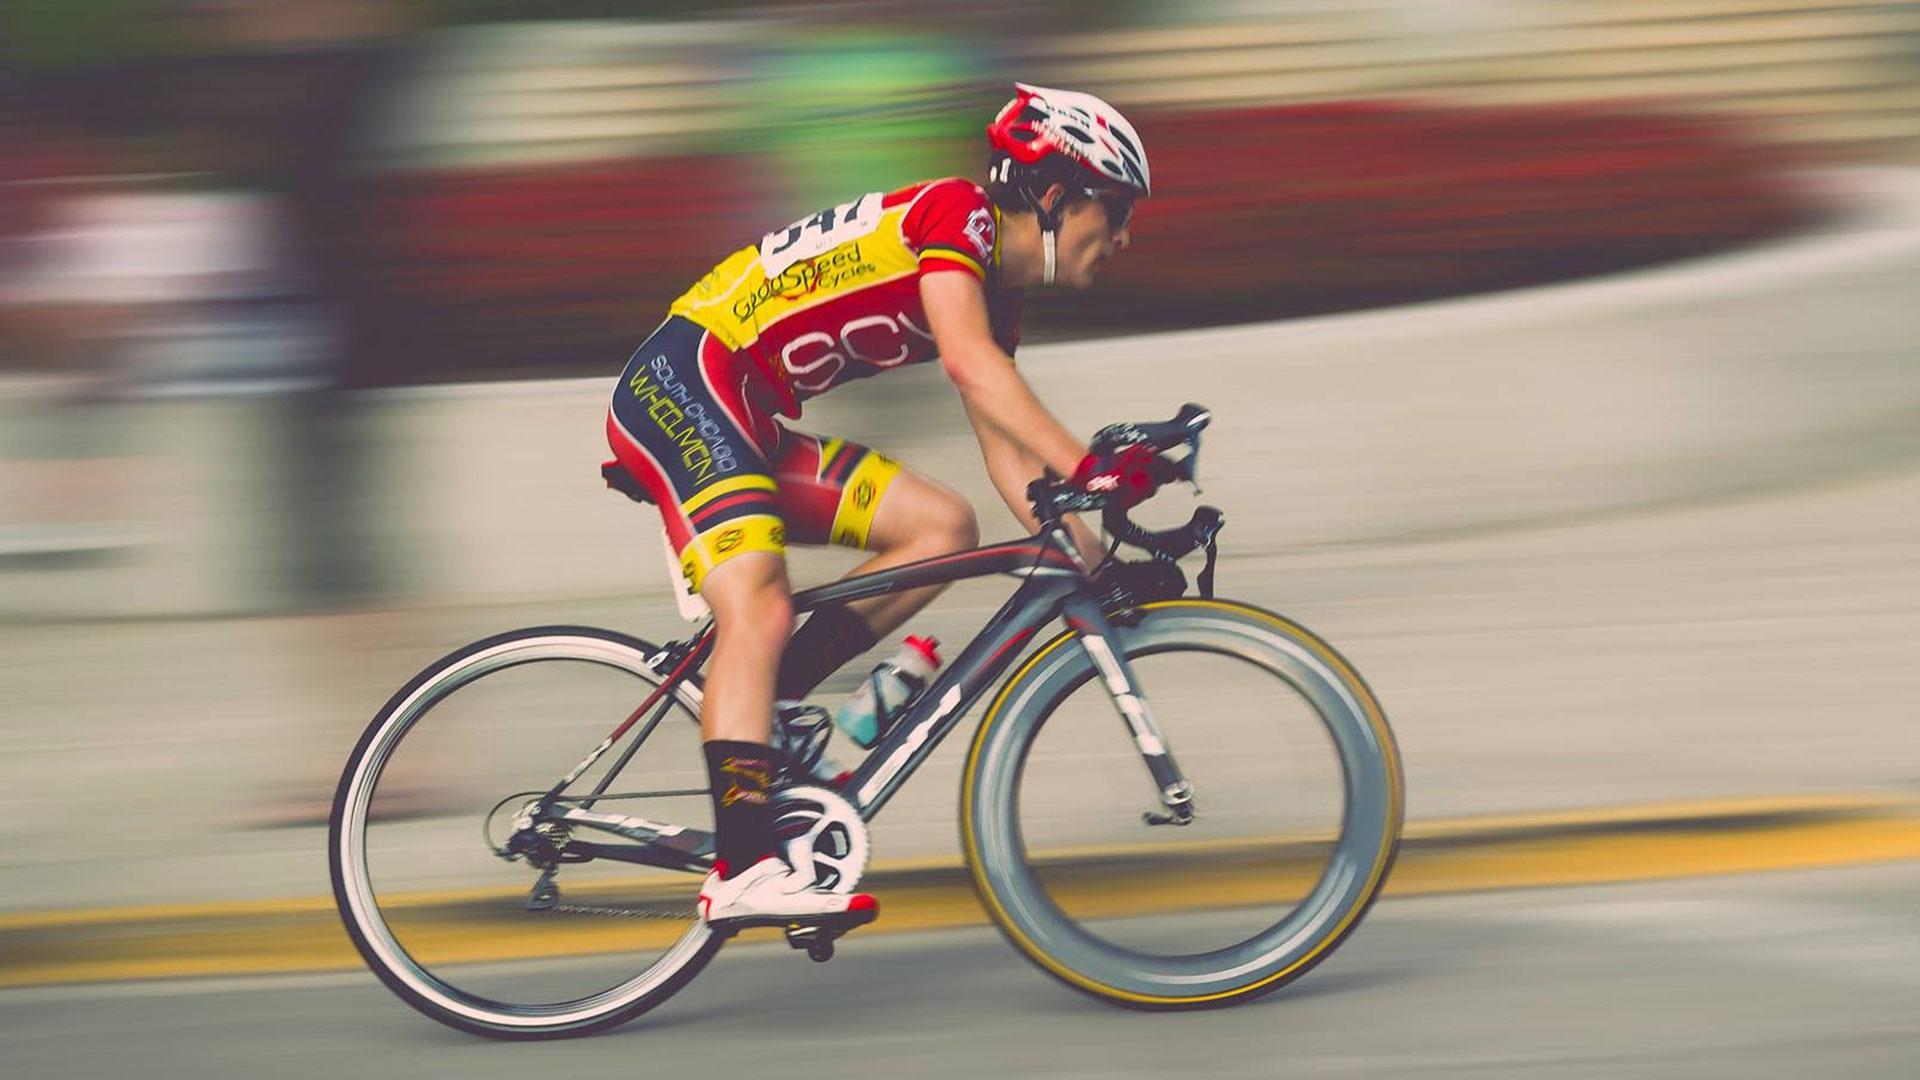 Fietstechniek: leer fietsen met één been en klimmen als een prof